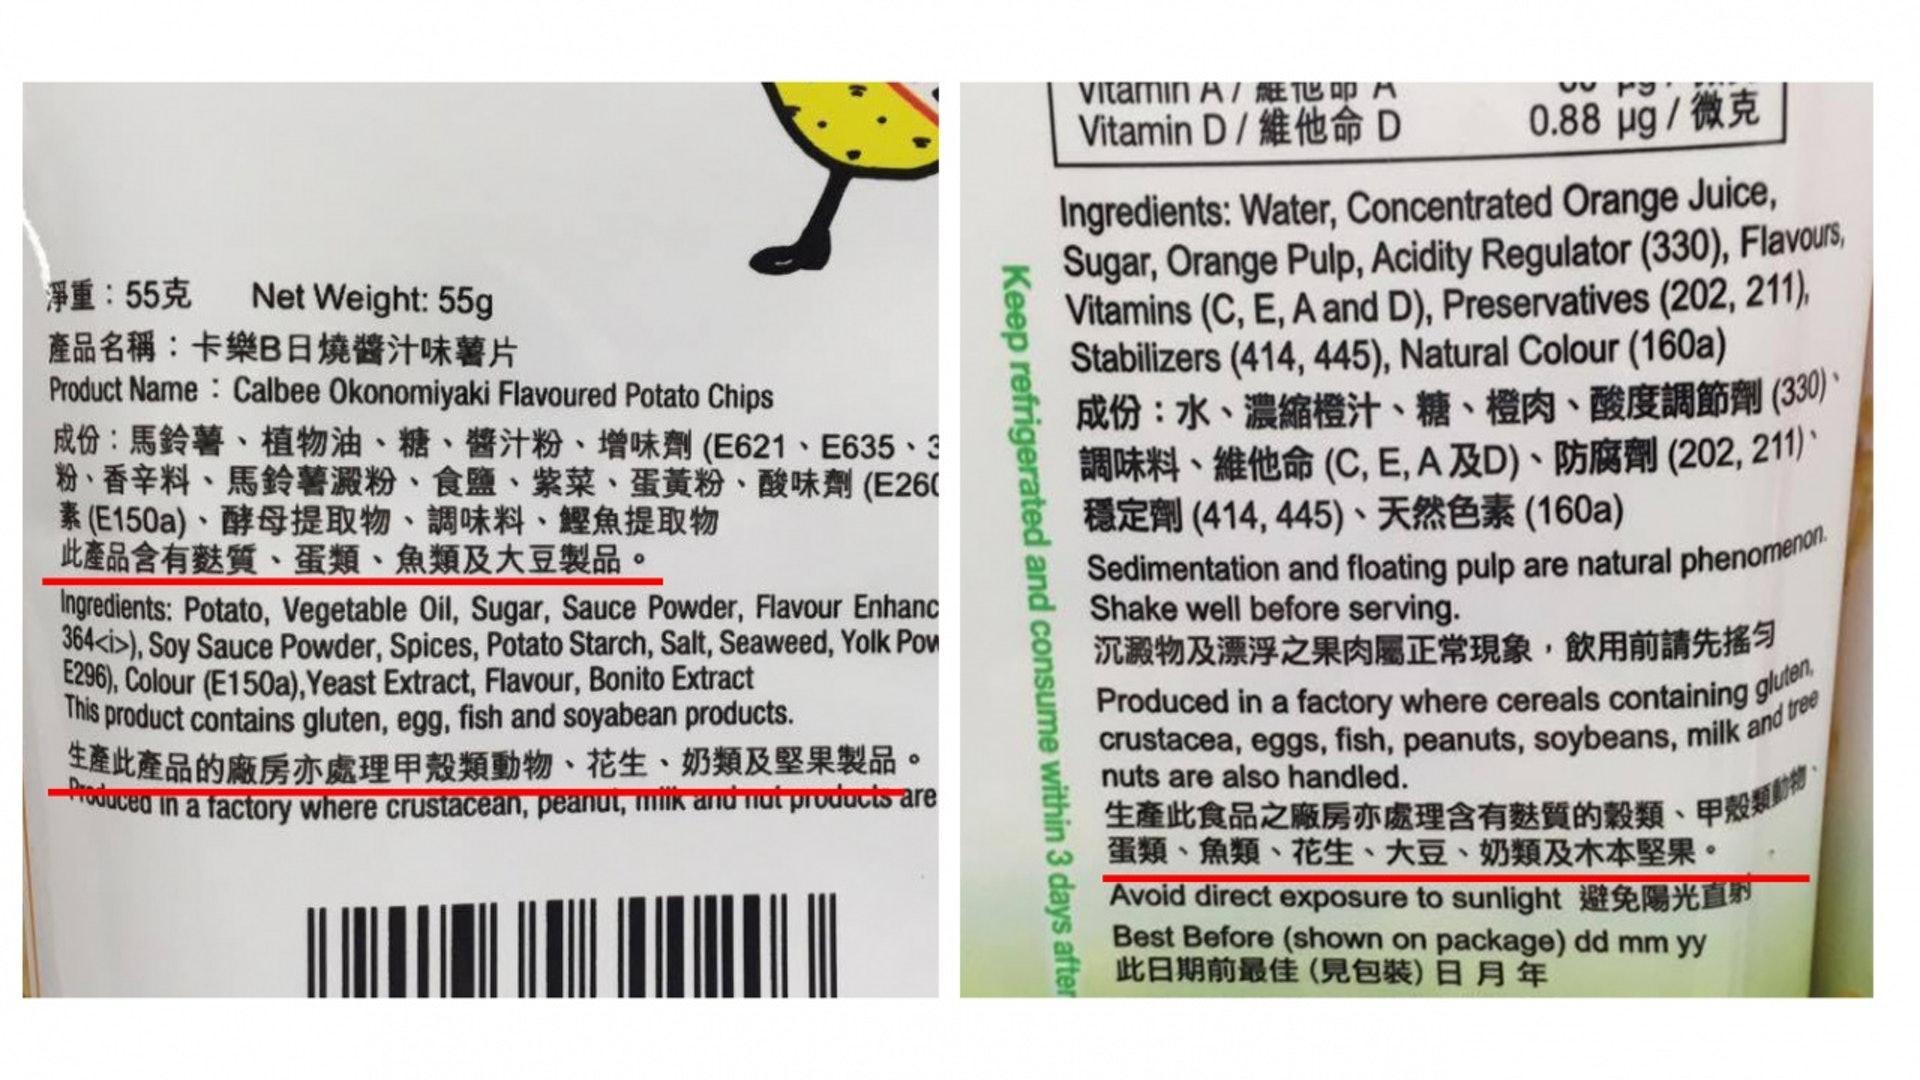 食物中可能會含有意想不到的成份,即使份量極少,只要在同一廠房處理,亦會令嚴重濕疹患者有過敏情況。